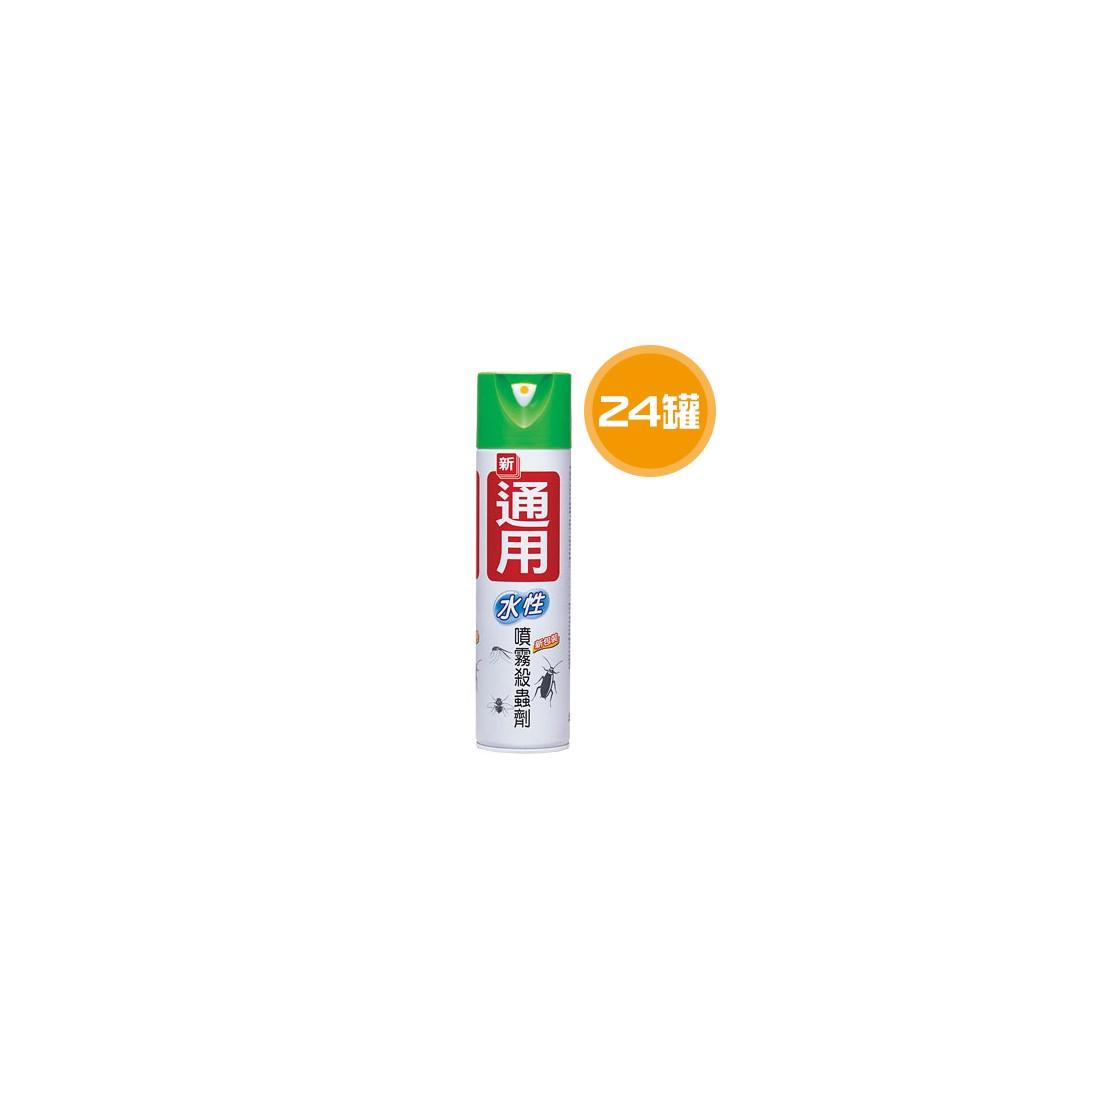 白博士 抗菌洗手乳 6瓶(500g/瓶)